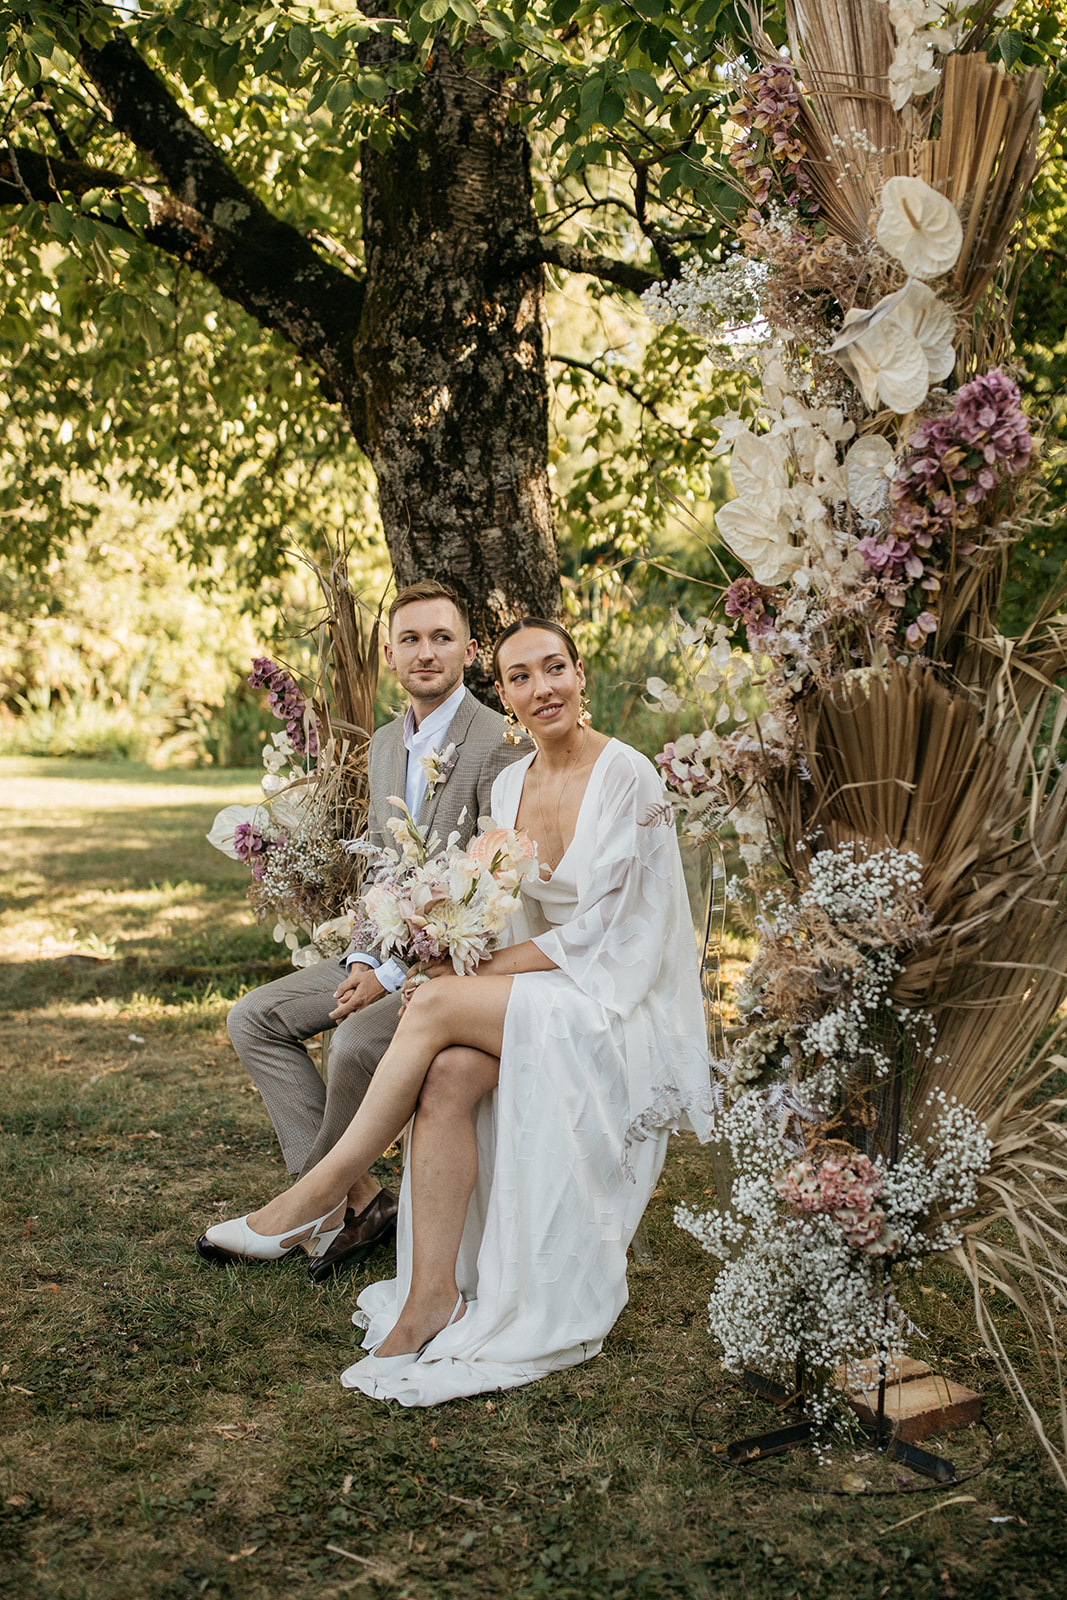 593-Lifestories-Wedding-Marylou-Chris-20